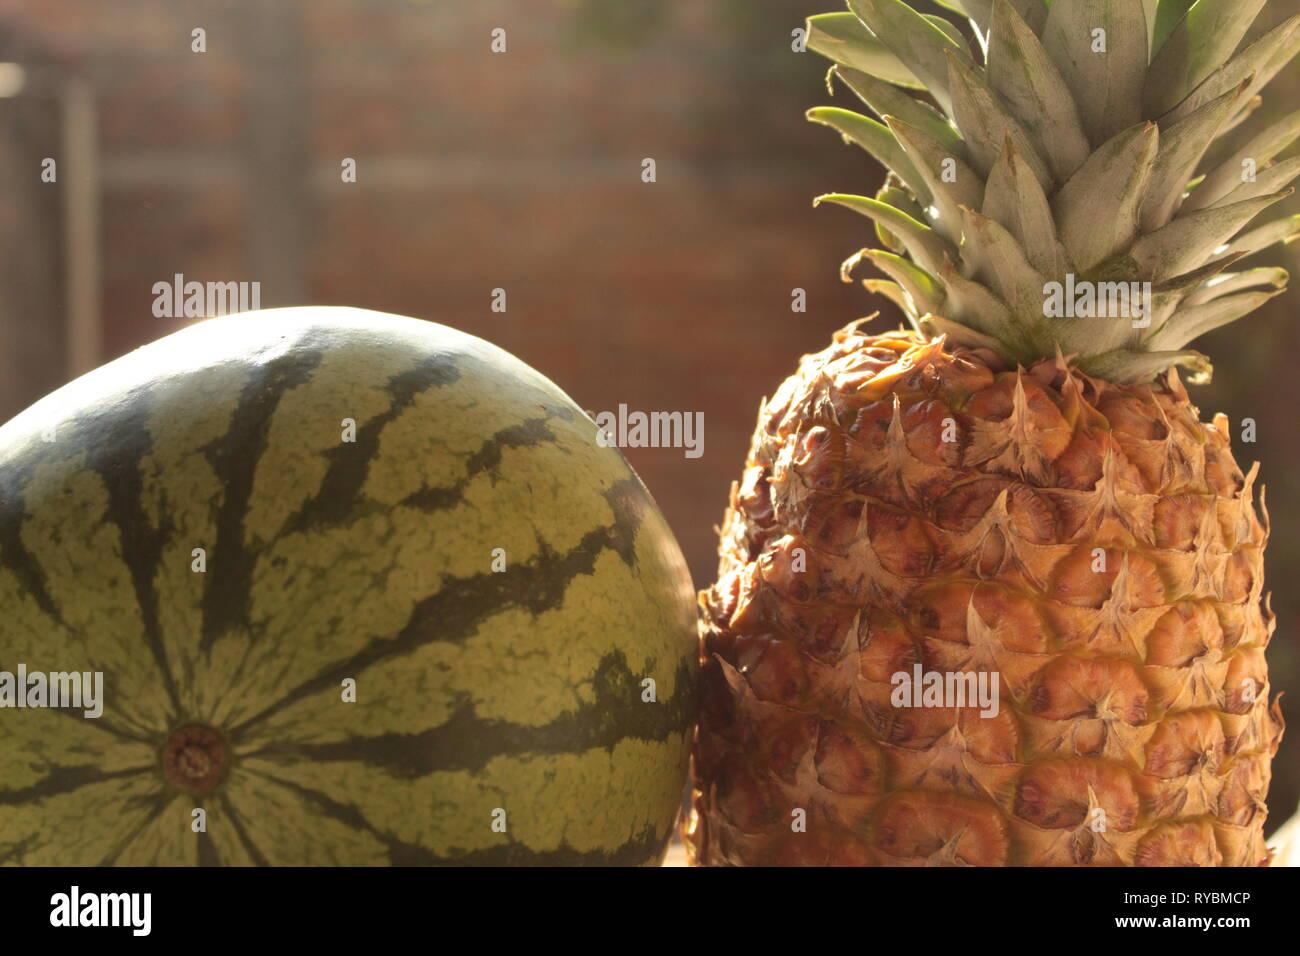 Close Up de bodegón de frutas tropicales como piña, melón y sandia foto tomada en mi jardín utilizando un lente de 18-55 mm marca canon Imagen De Stock